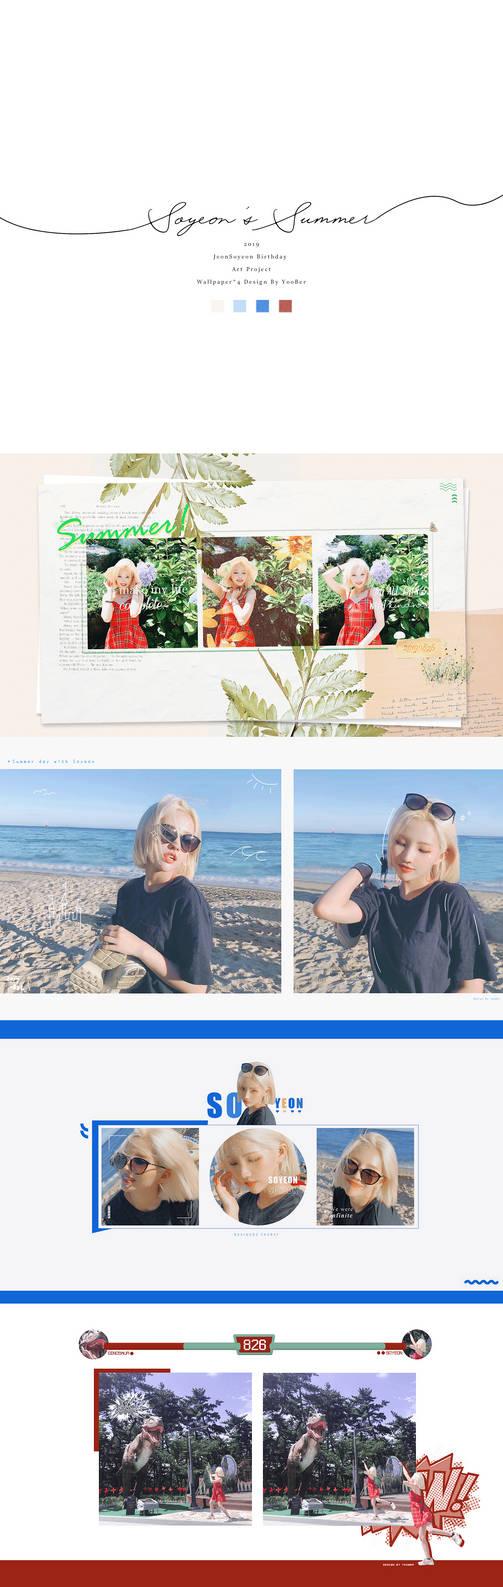 #067 Soyeon's Summer